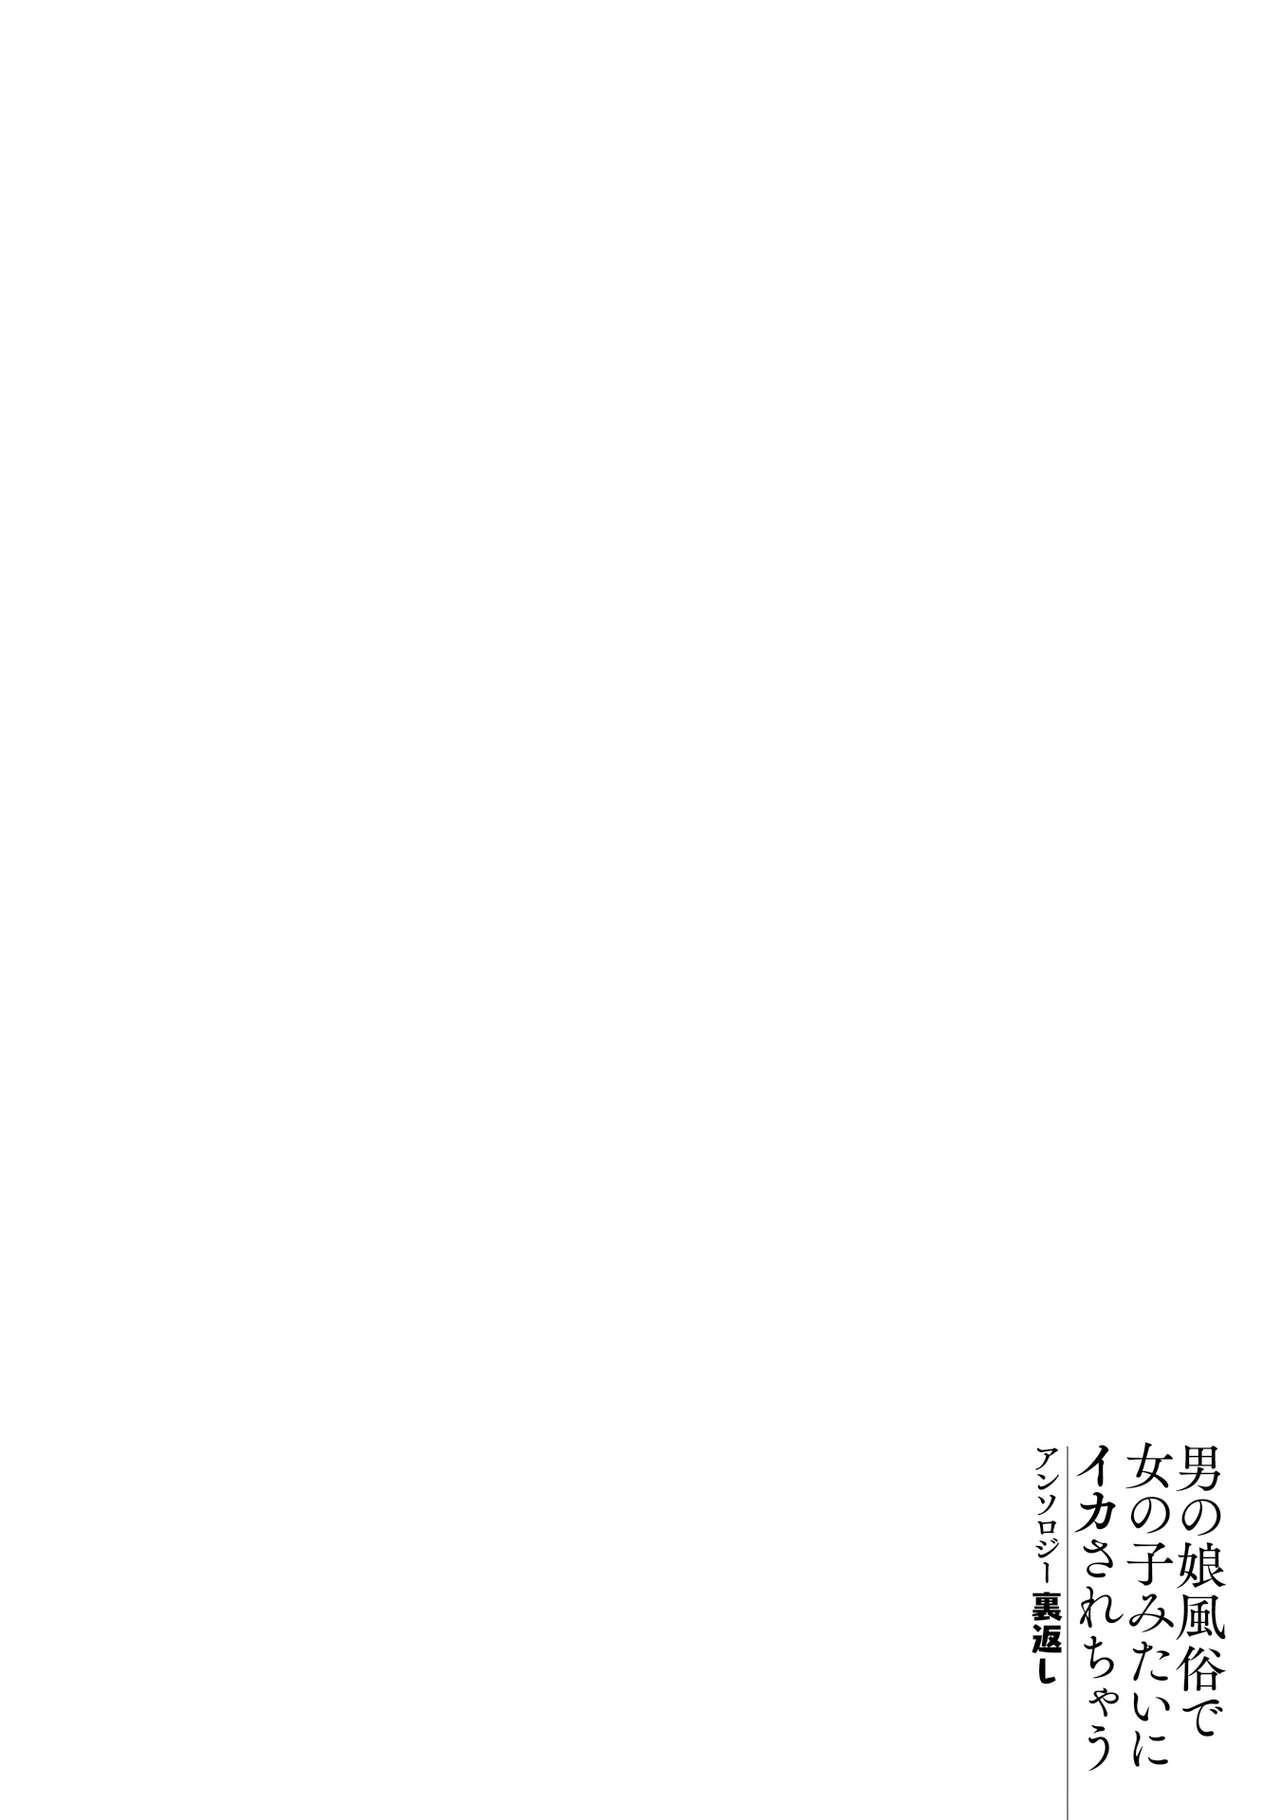 Otokonoko Fuuzoku de Onnanoko Mitai ni Ikasarechau Anthology 2 uragaeshi 43